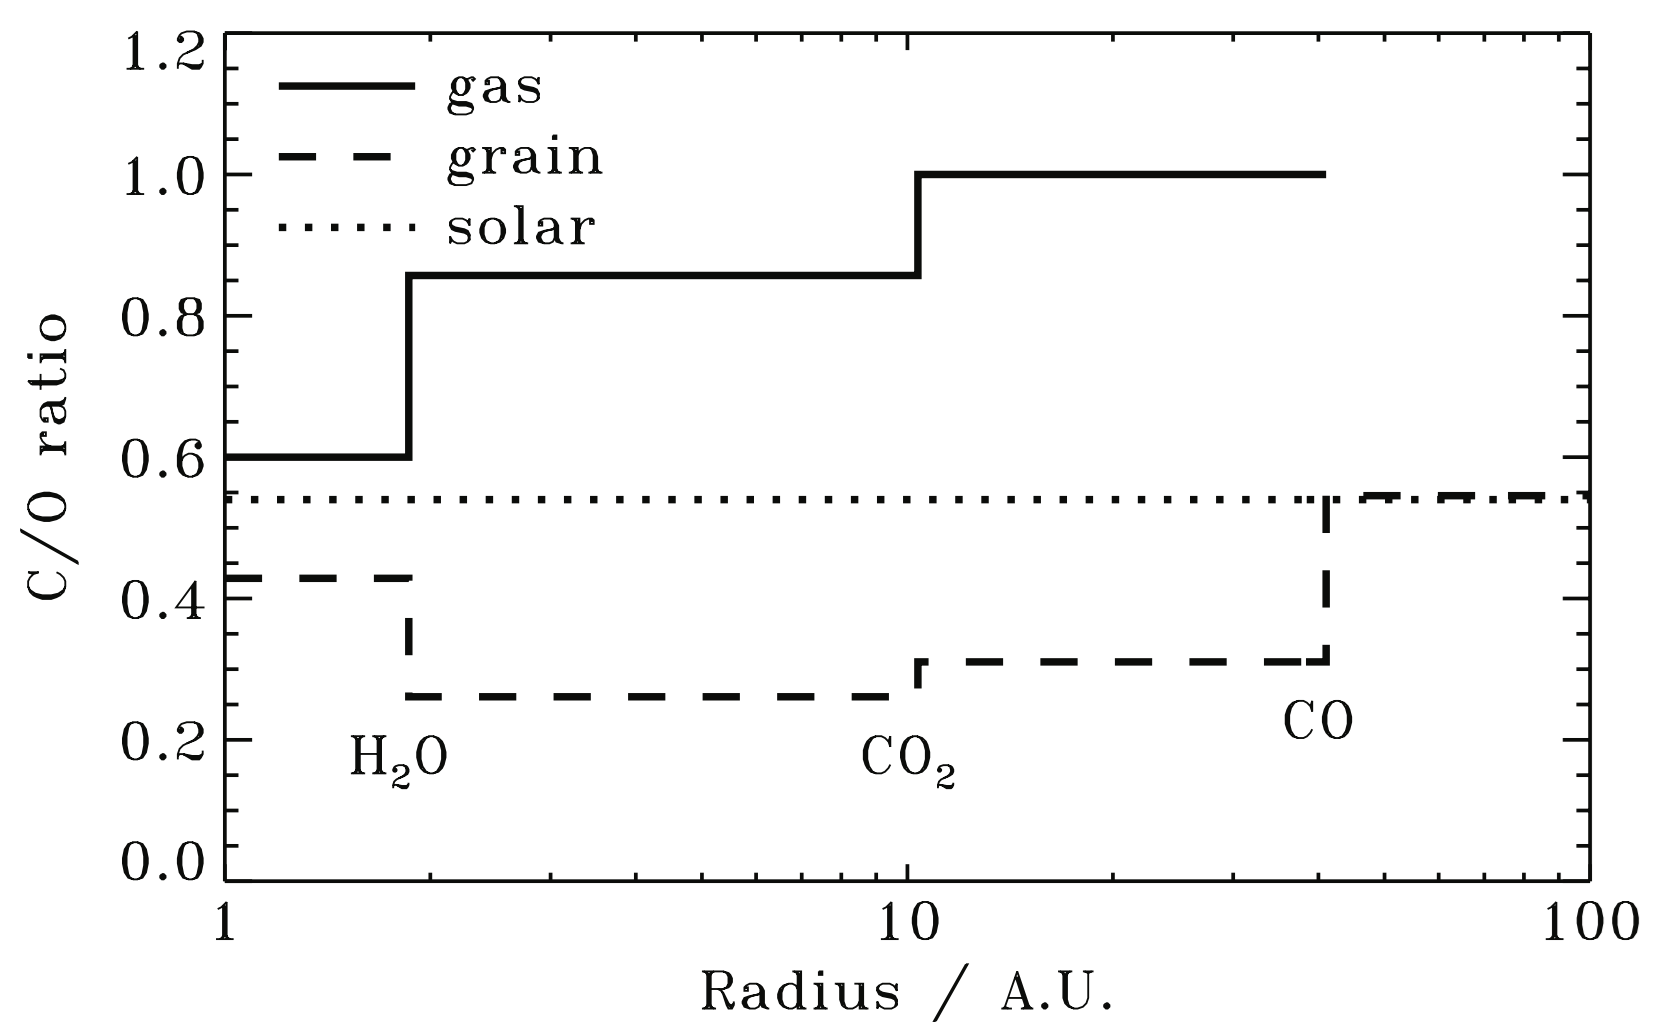 Source: Öberg et al. (2011)